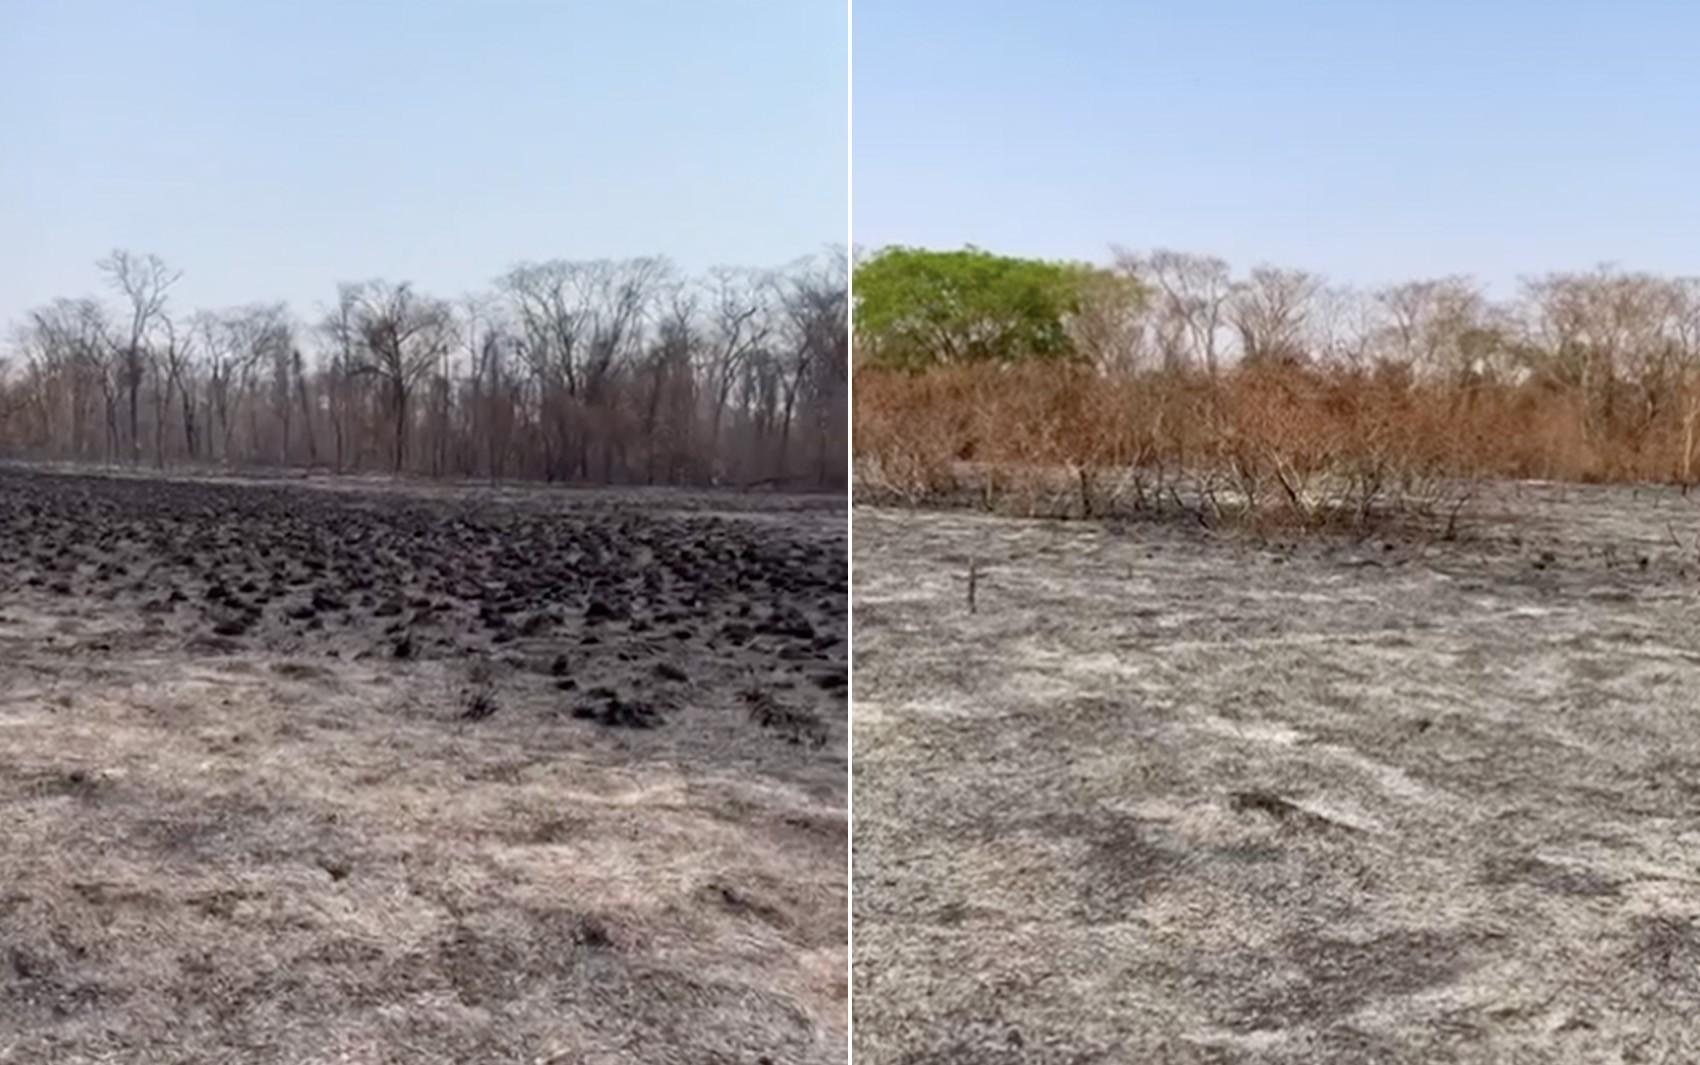 Estudante acha família de saguis morta por incêndio em mata de Terra Roxa, SP: 'não tem por onde correr'